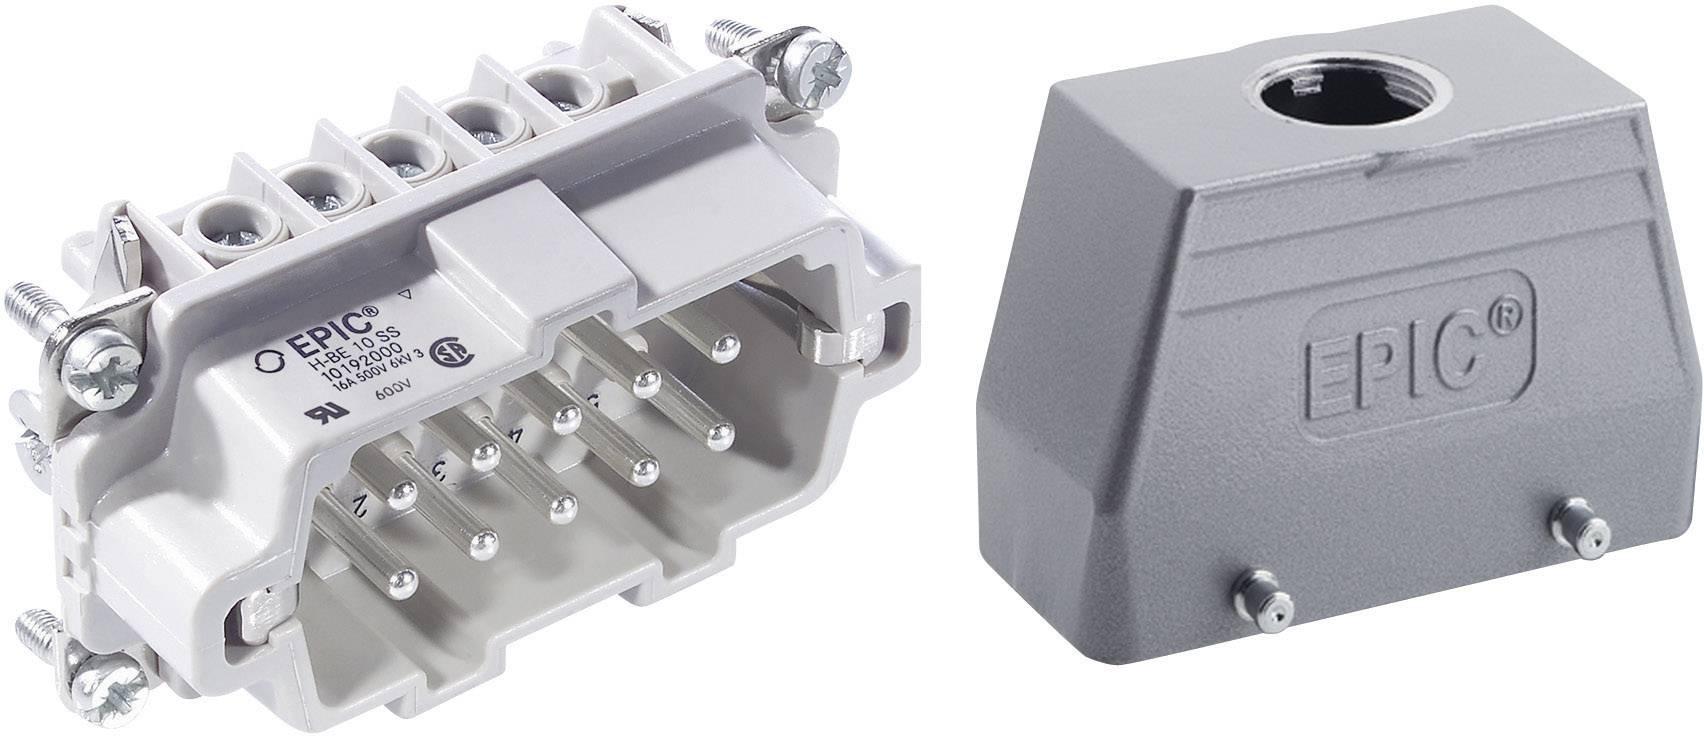 Sada konektorů EPIC®KIT H-BE 10 75009640 LappKabel 10 + PE šroubovací 1 sada